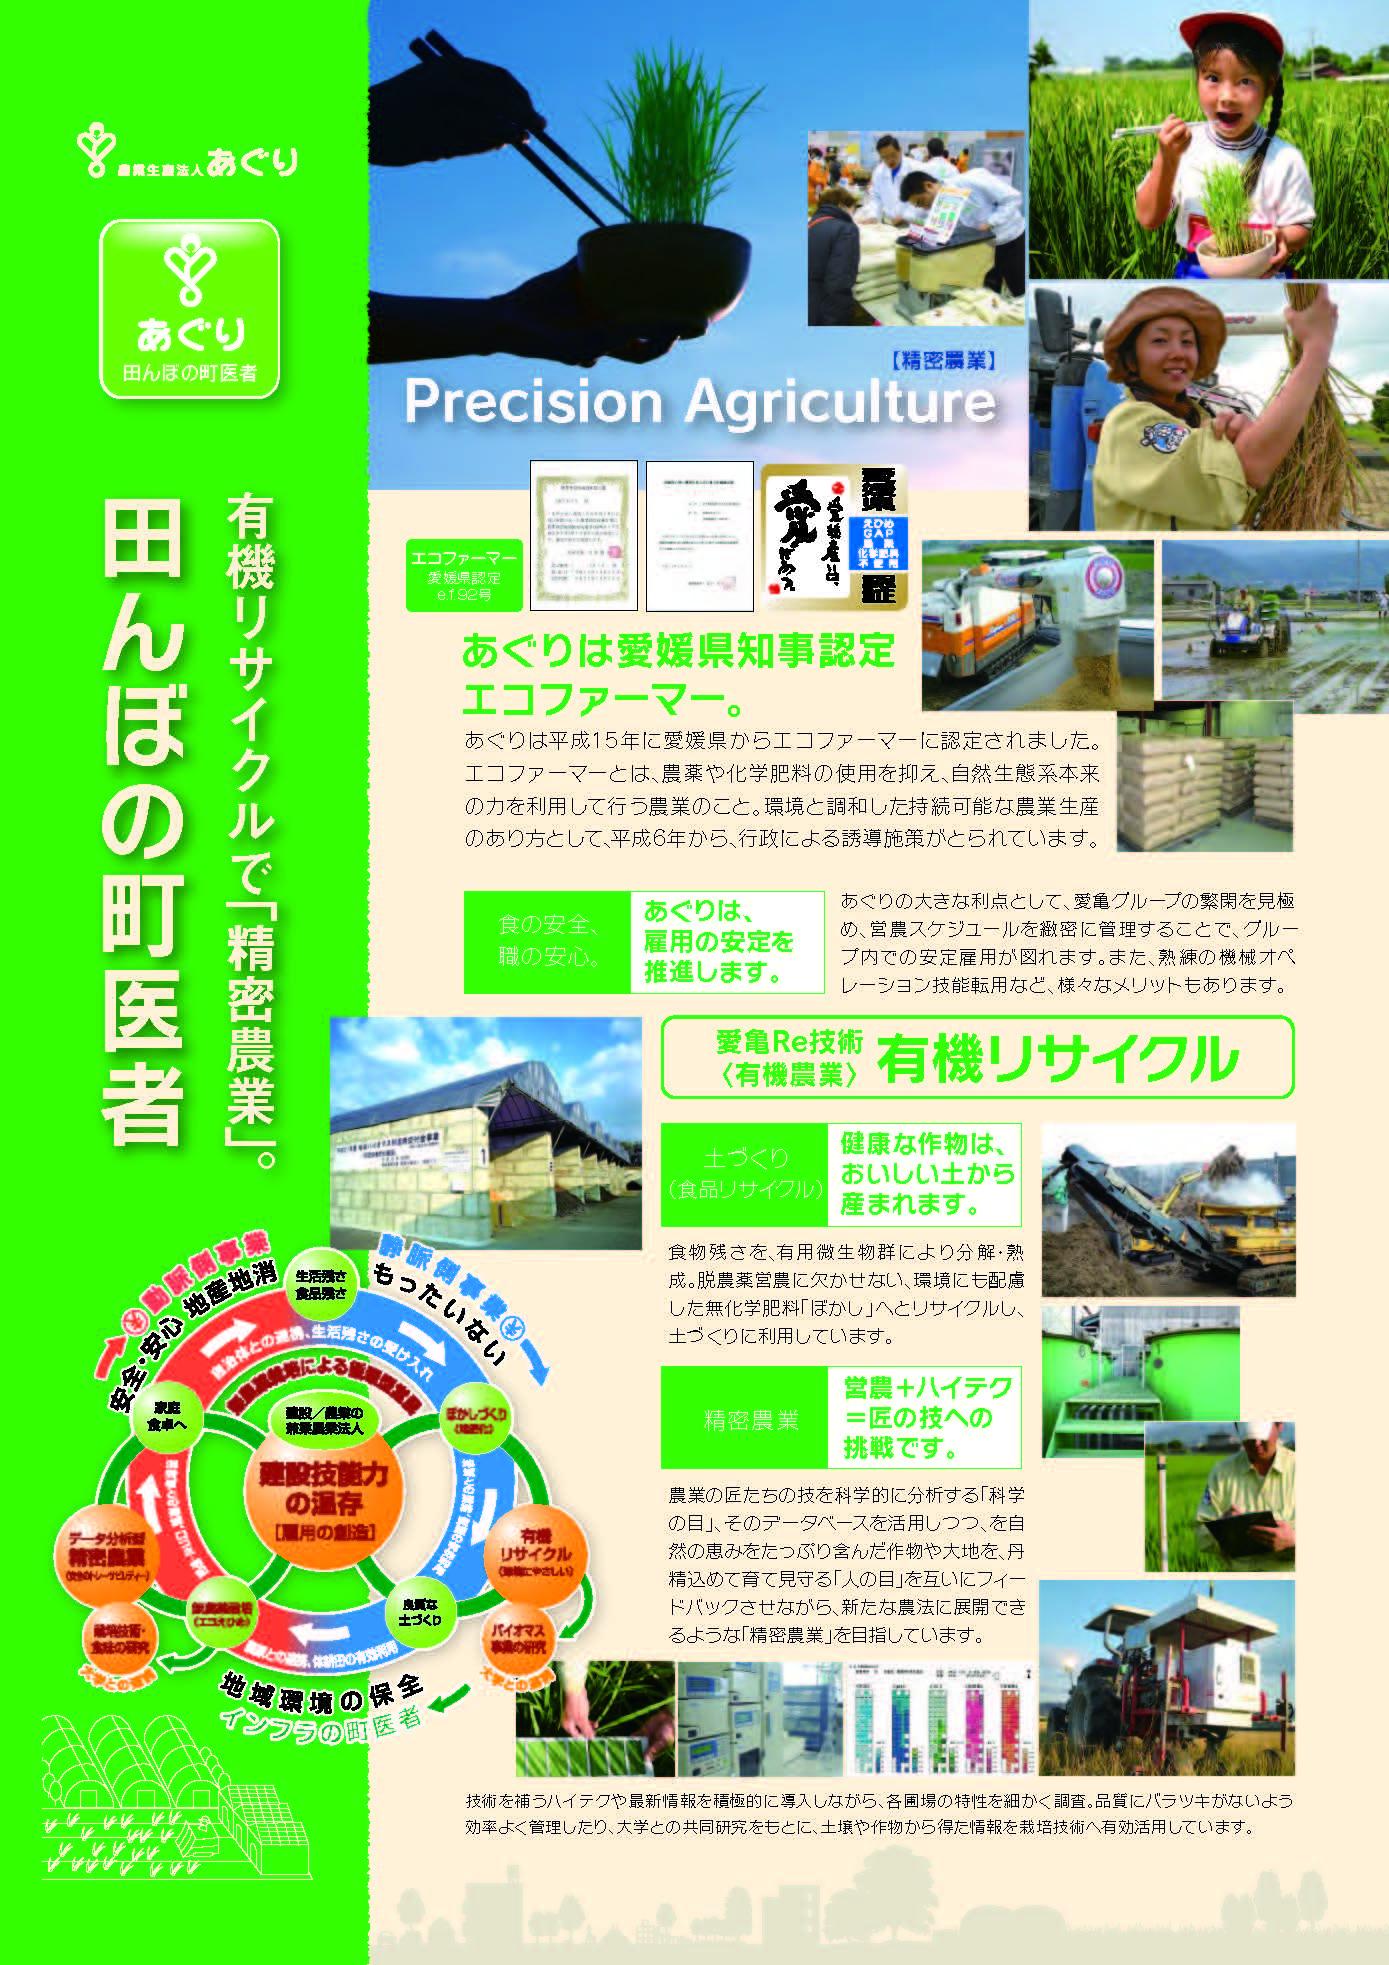 有機リサイクルで「精密農業」。田んぼの町医者